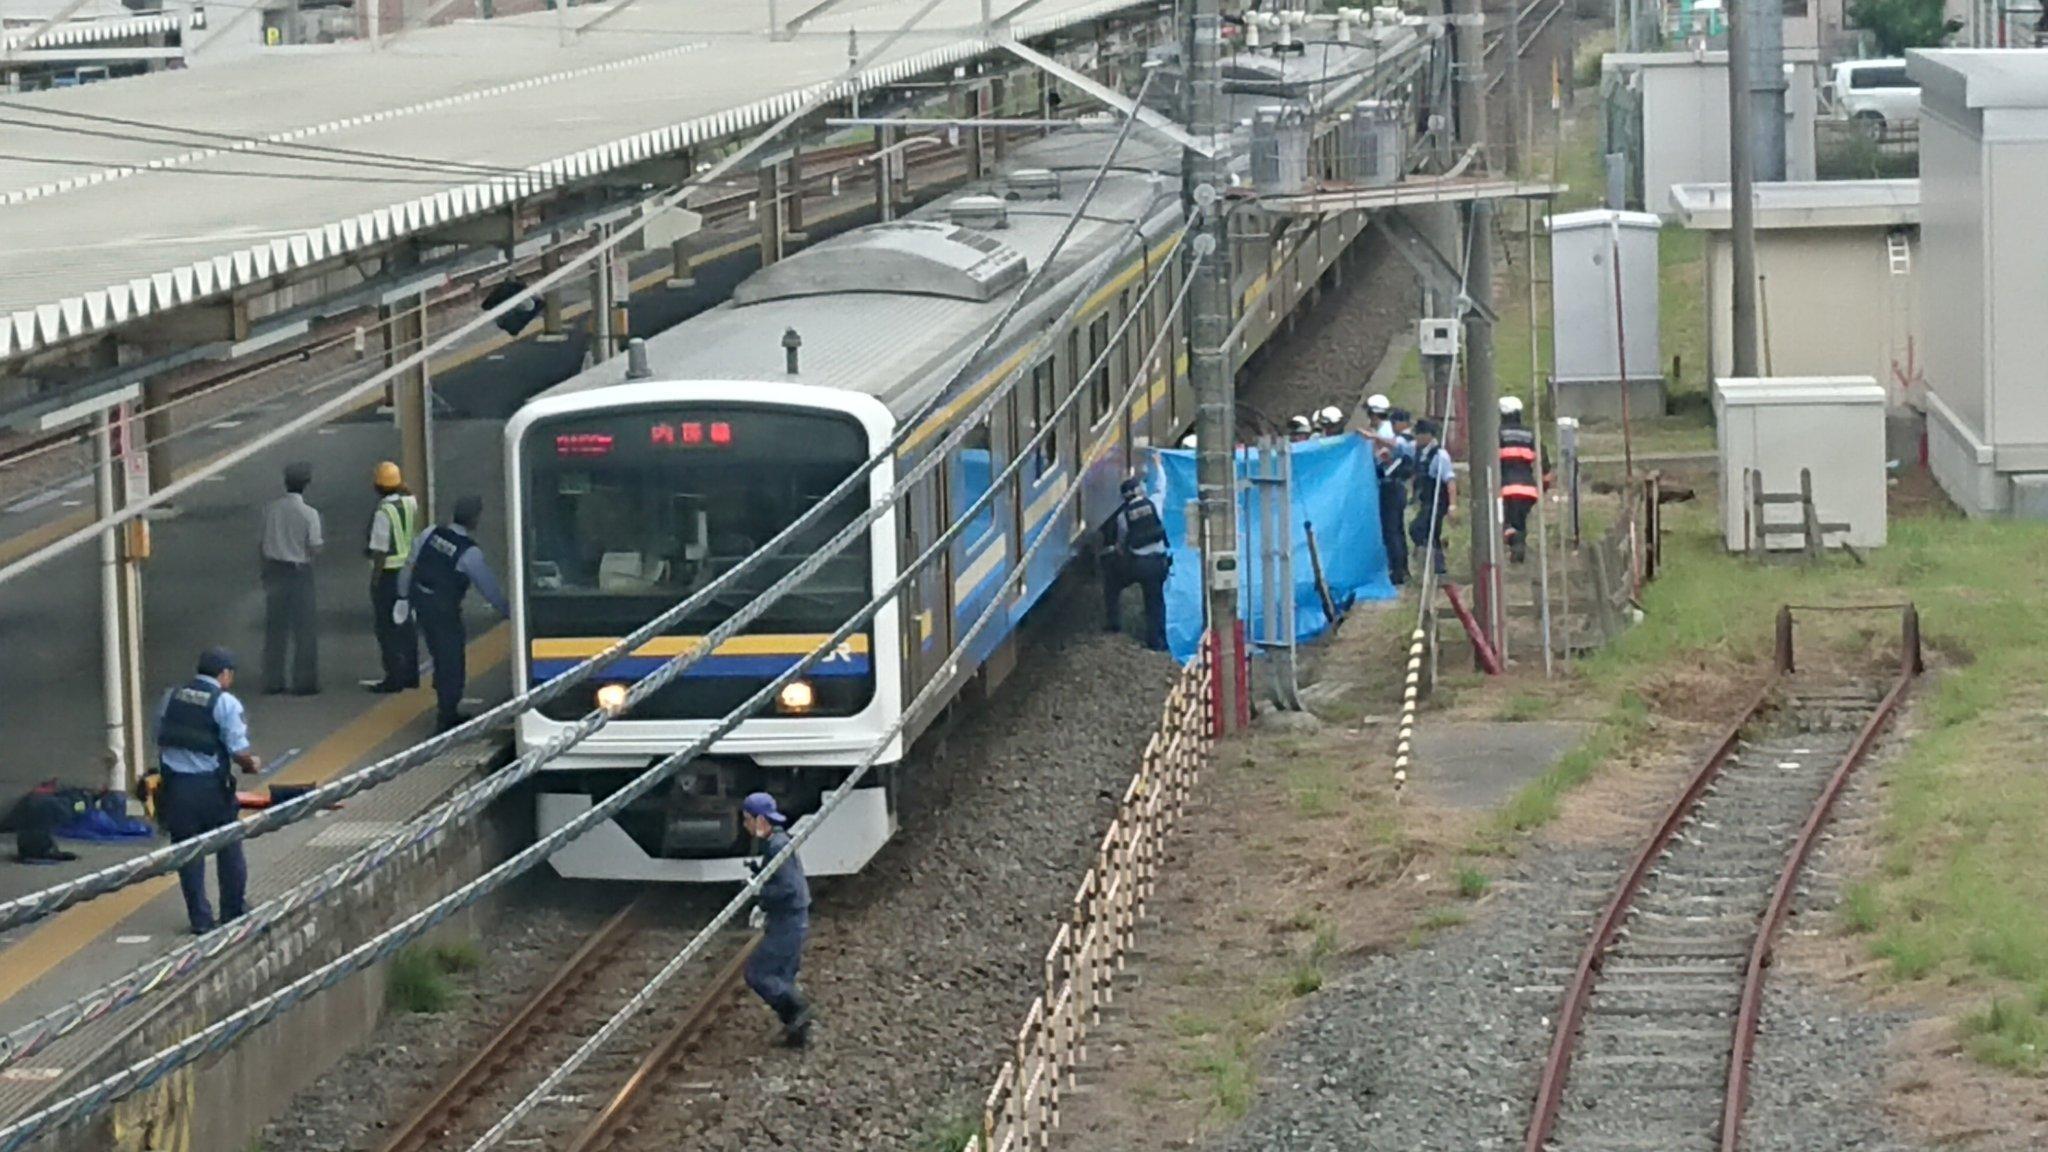 内房線の姉ヶ崎駅の人身事故でブルーシートで隠している現場画像